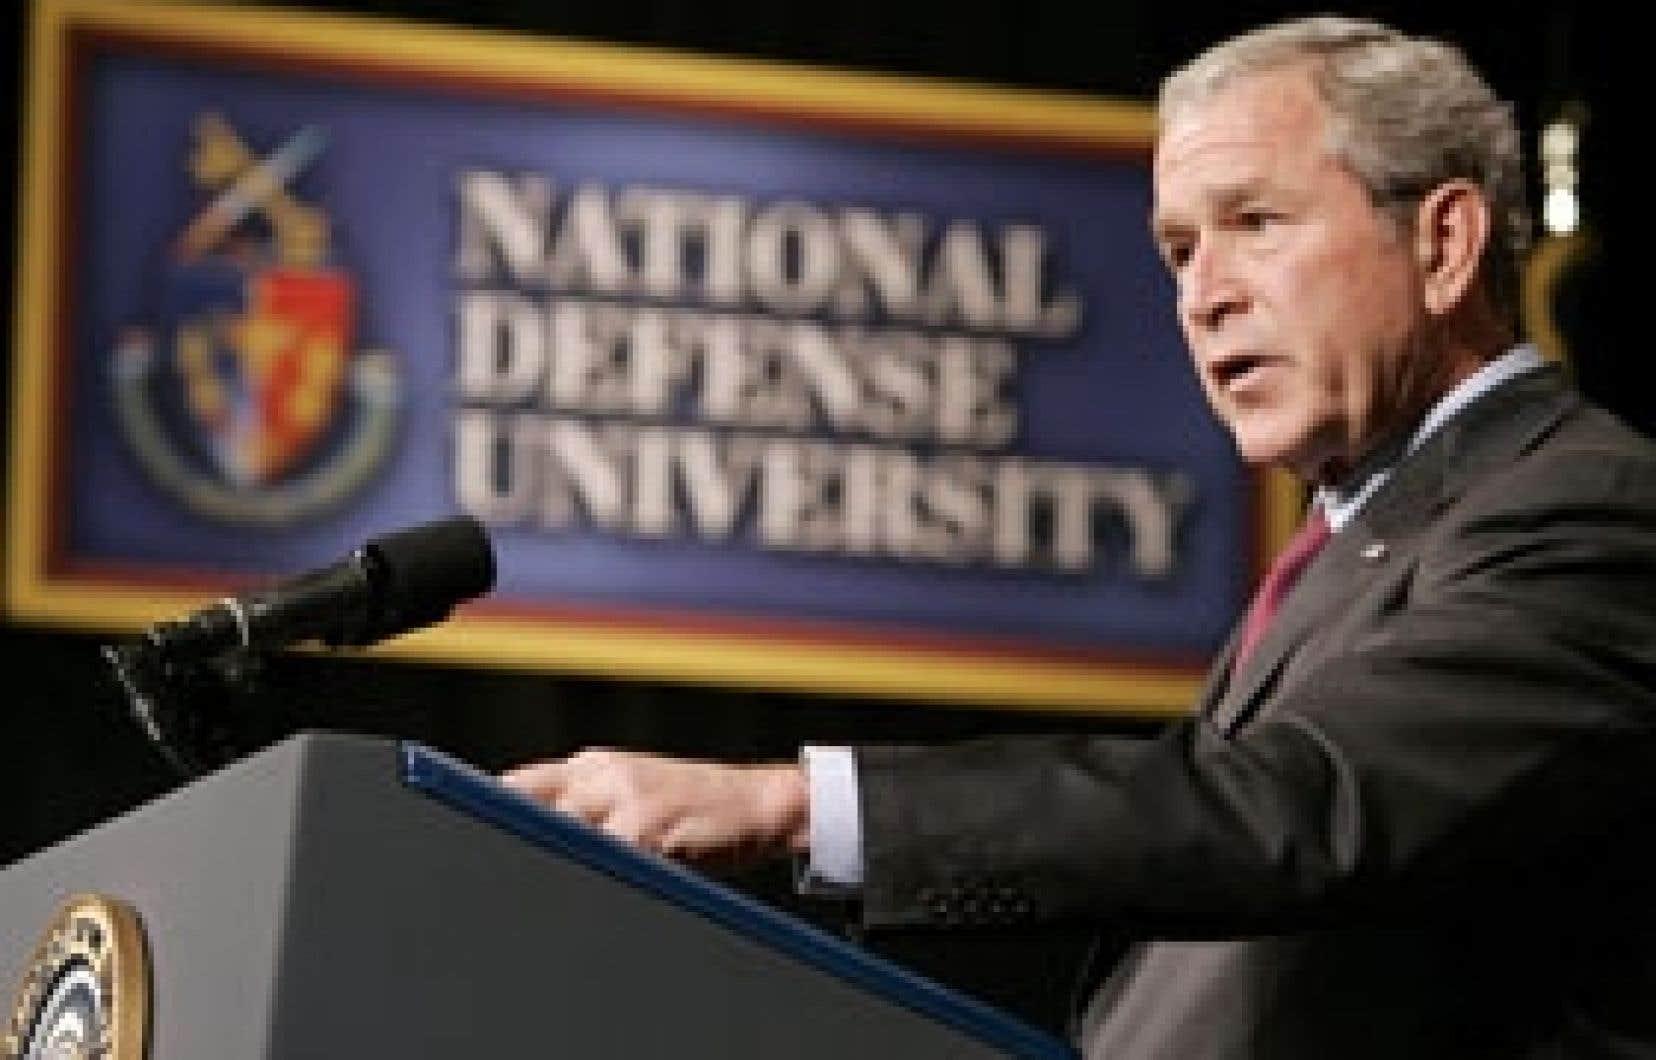 Le président George W. Bush s'est adressé hier aux élèves de la National Defense University, une grande institution d'enseignement militaire.